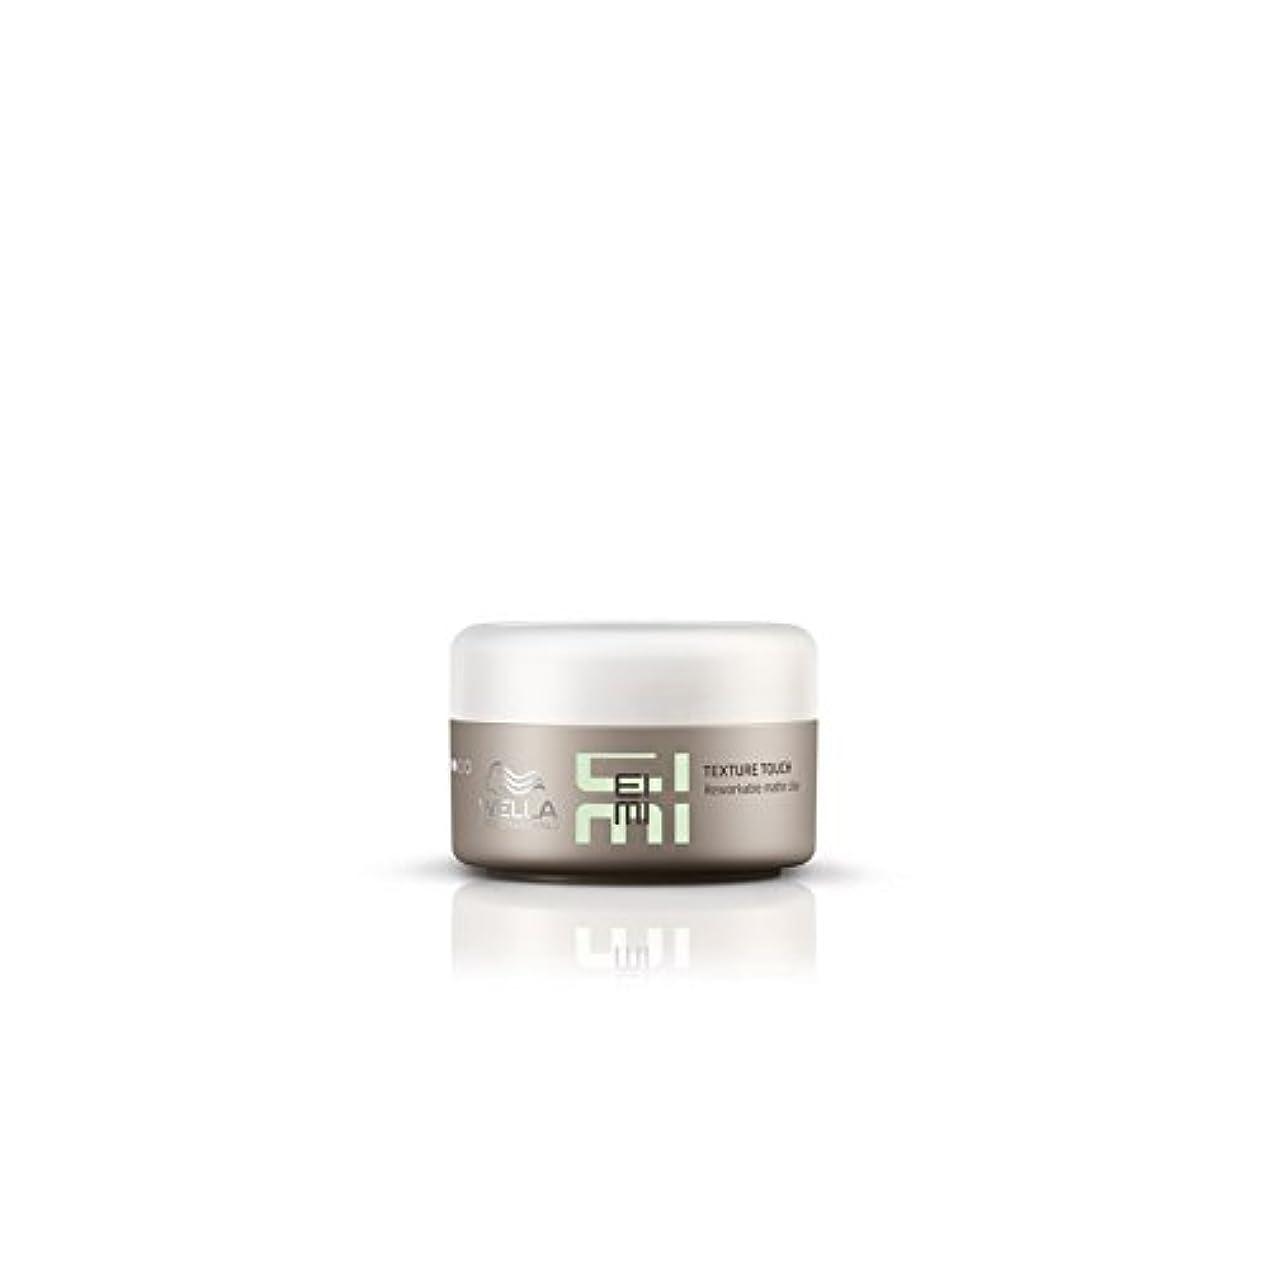 エネルギー支払い月Wella Professionals Eimi Texture Touch Clay (75ml) (Pack of 6) - ウエラ専門家テクスチャタッチ粘土(75ミリリットル) x6 [並行輸入品]